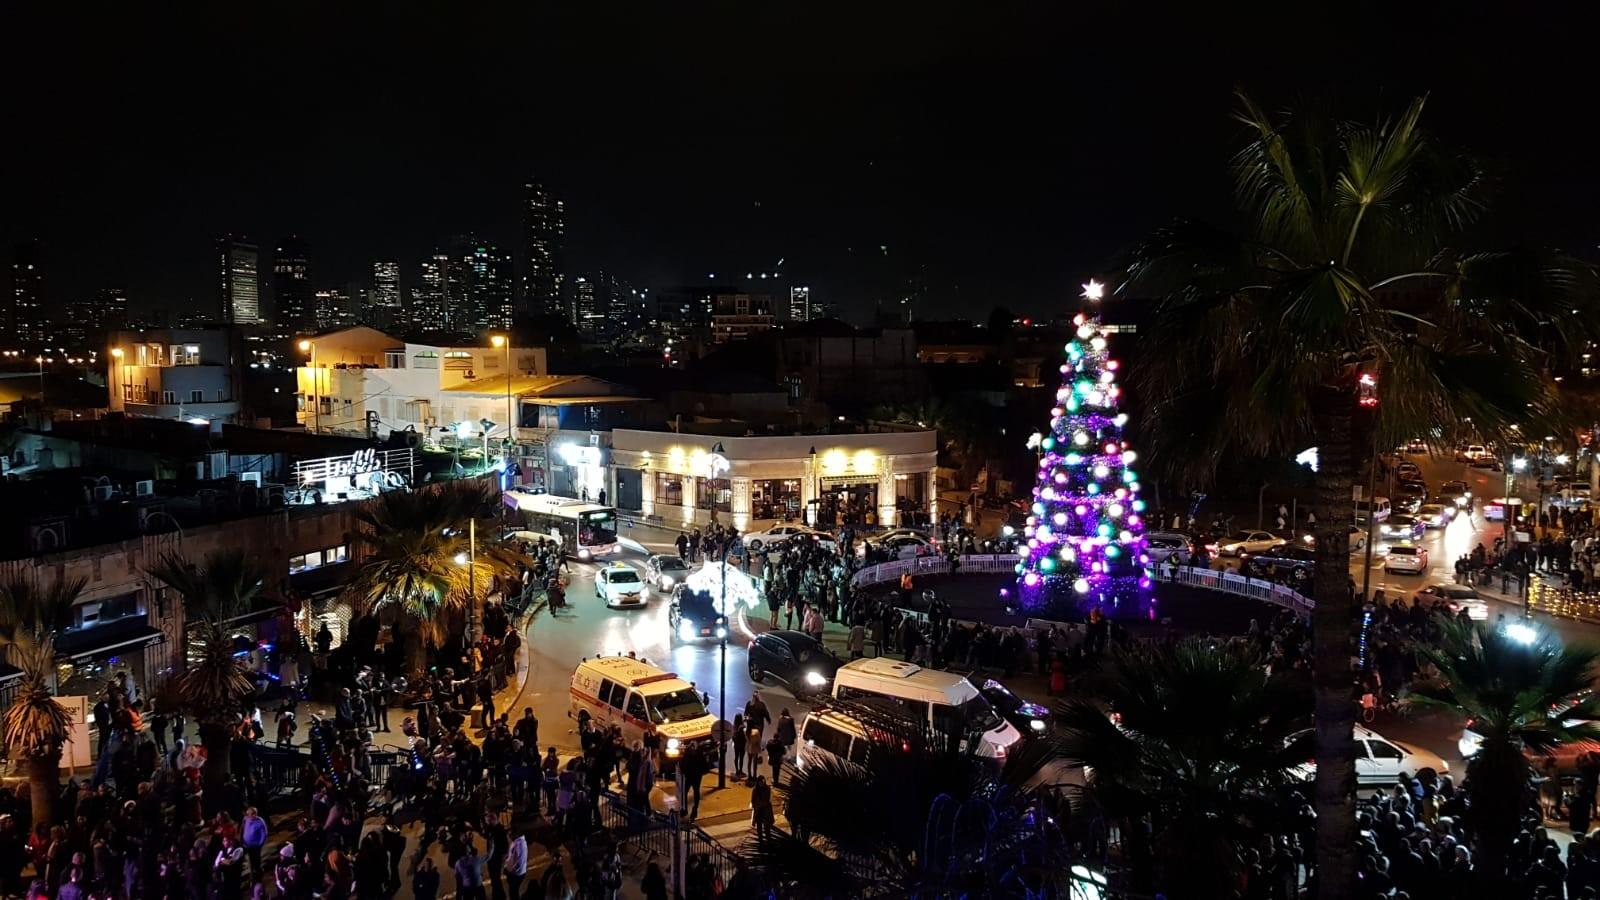 Еврейские праздники: рождественская ёлка в Тель-Авиве. Фото предоставлено пресс-службой Тель-Авива